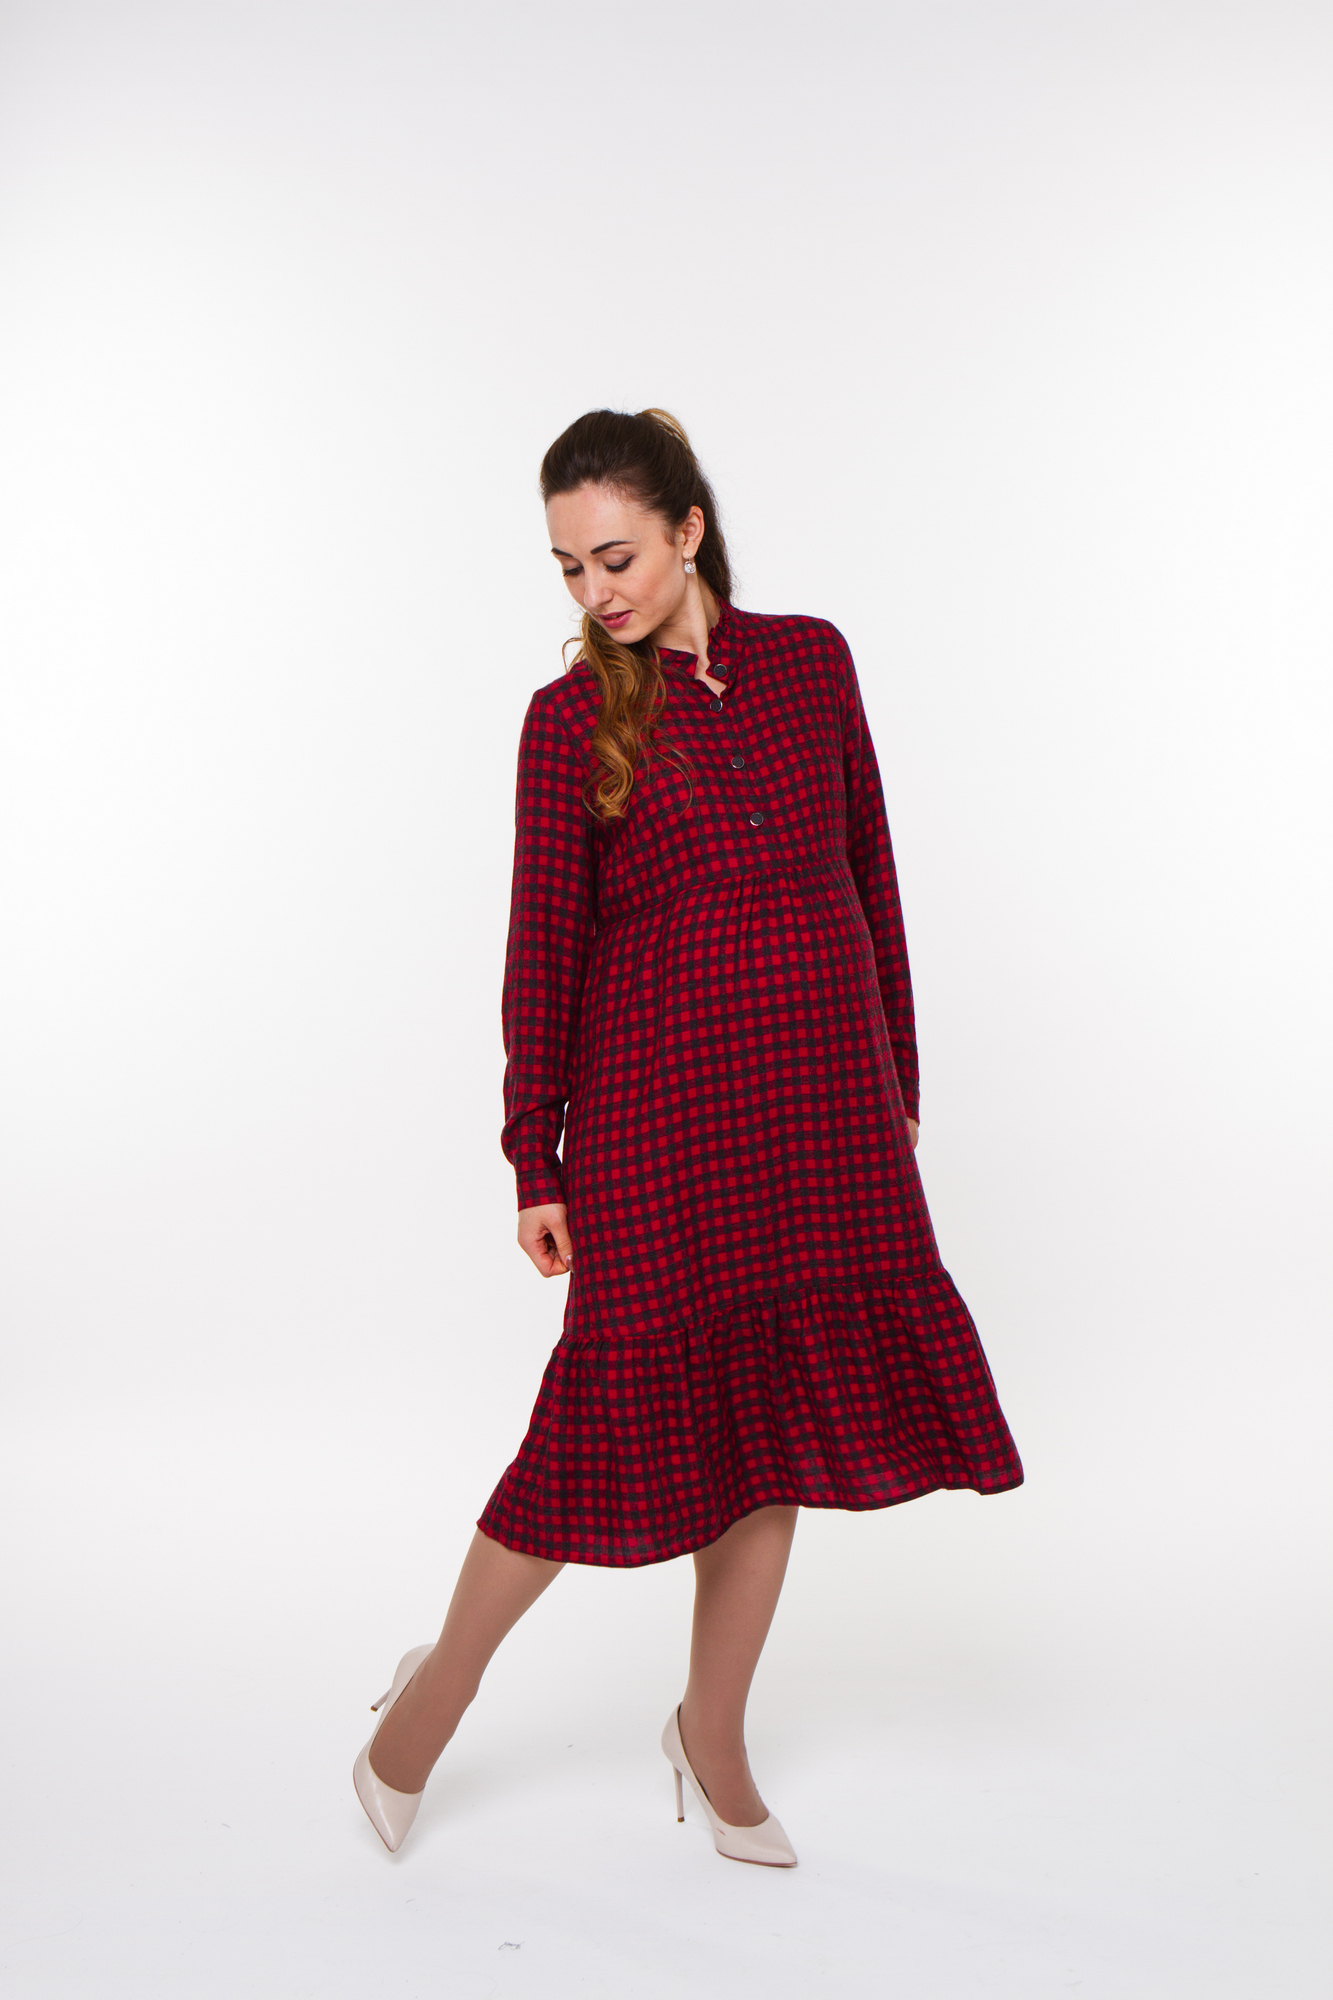 Фото платье-рубашка для беременных GEMKO от магазина СкороМама, красный, бордовый, размеры.